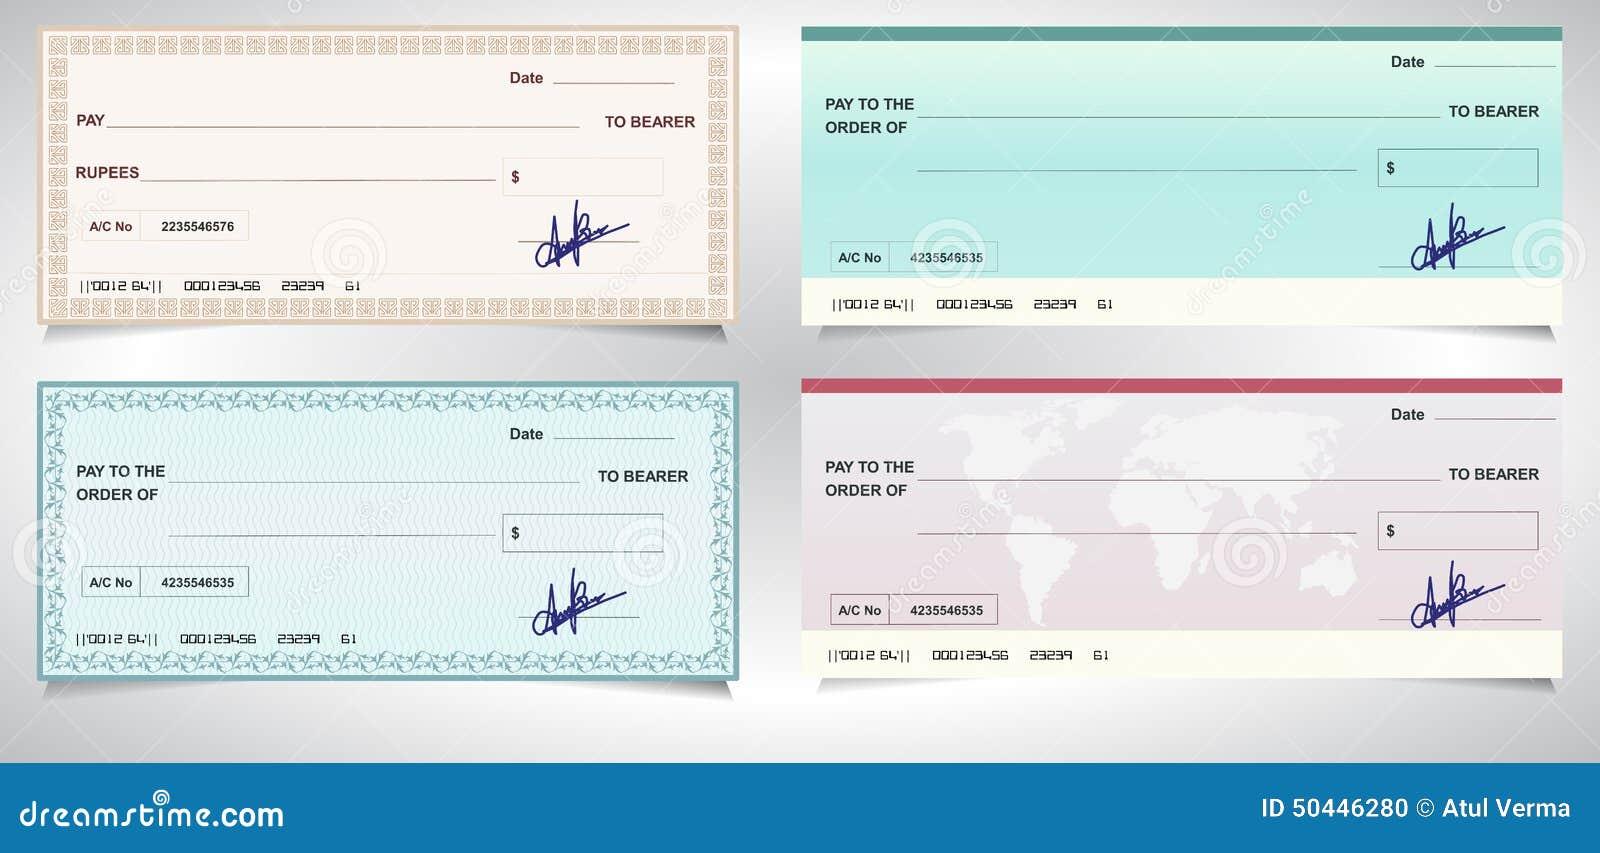 ASSEGNO BANCARIO, assegno bancario - vettore eps10